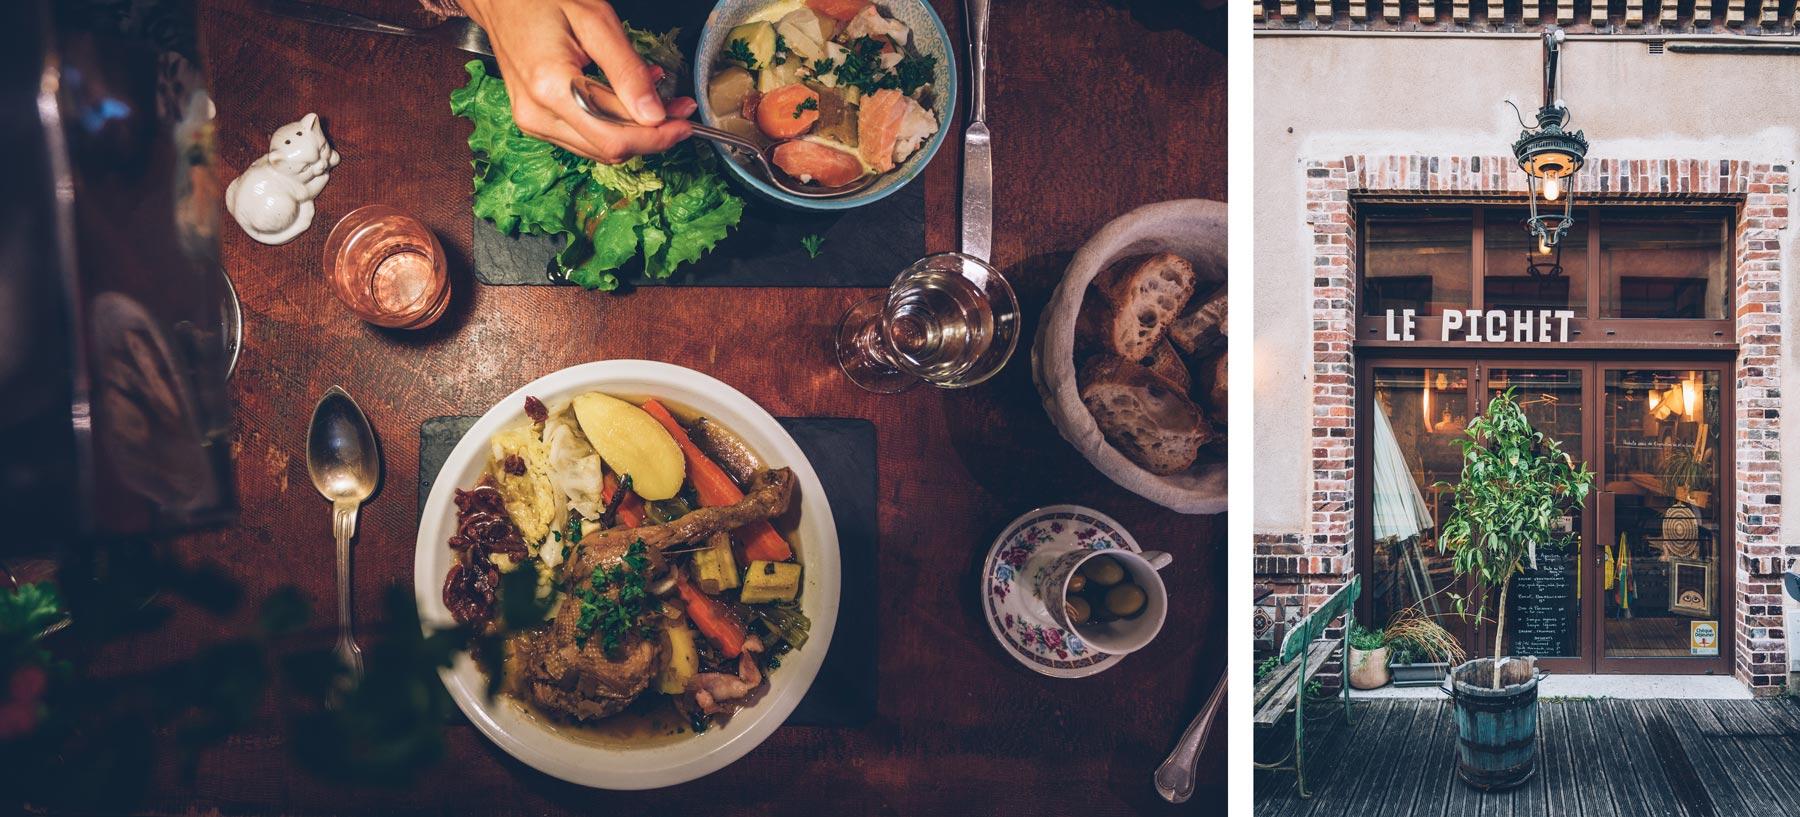 Où bien mangé à Chartres? le Pichet 3